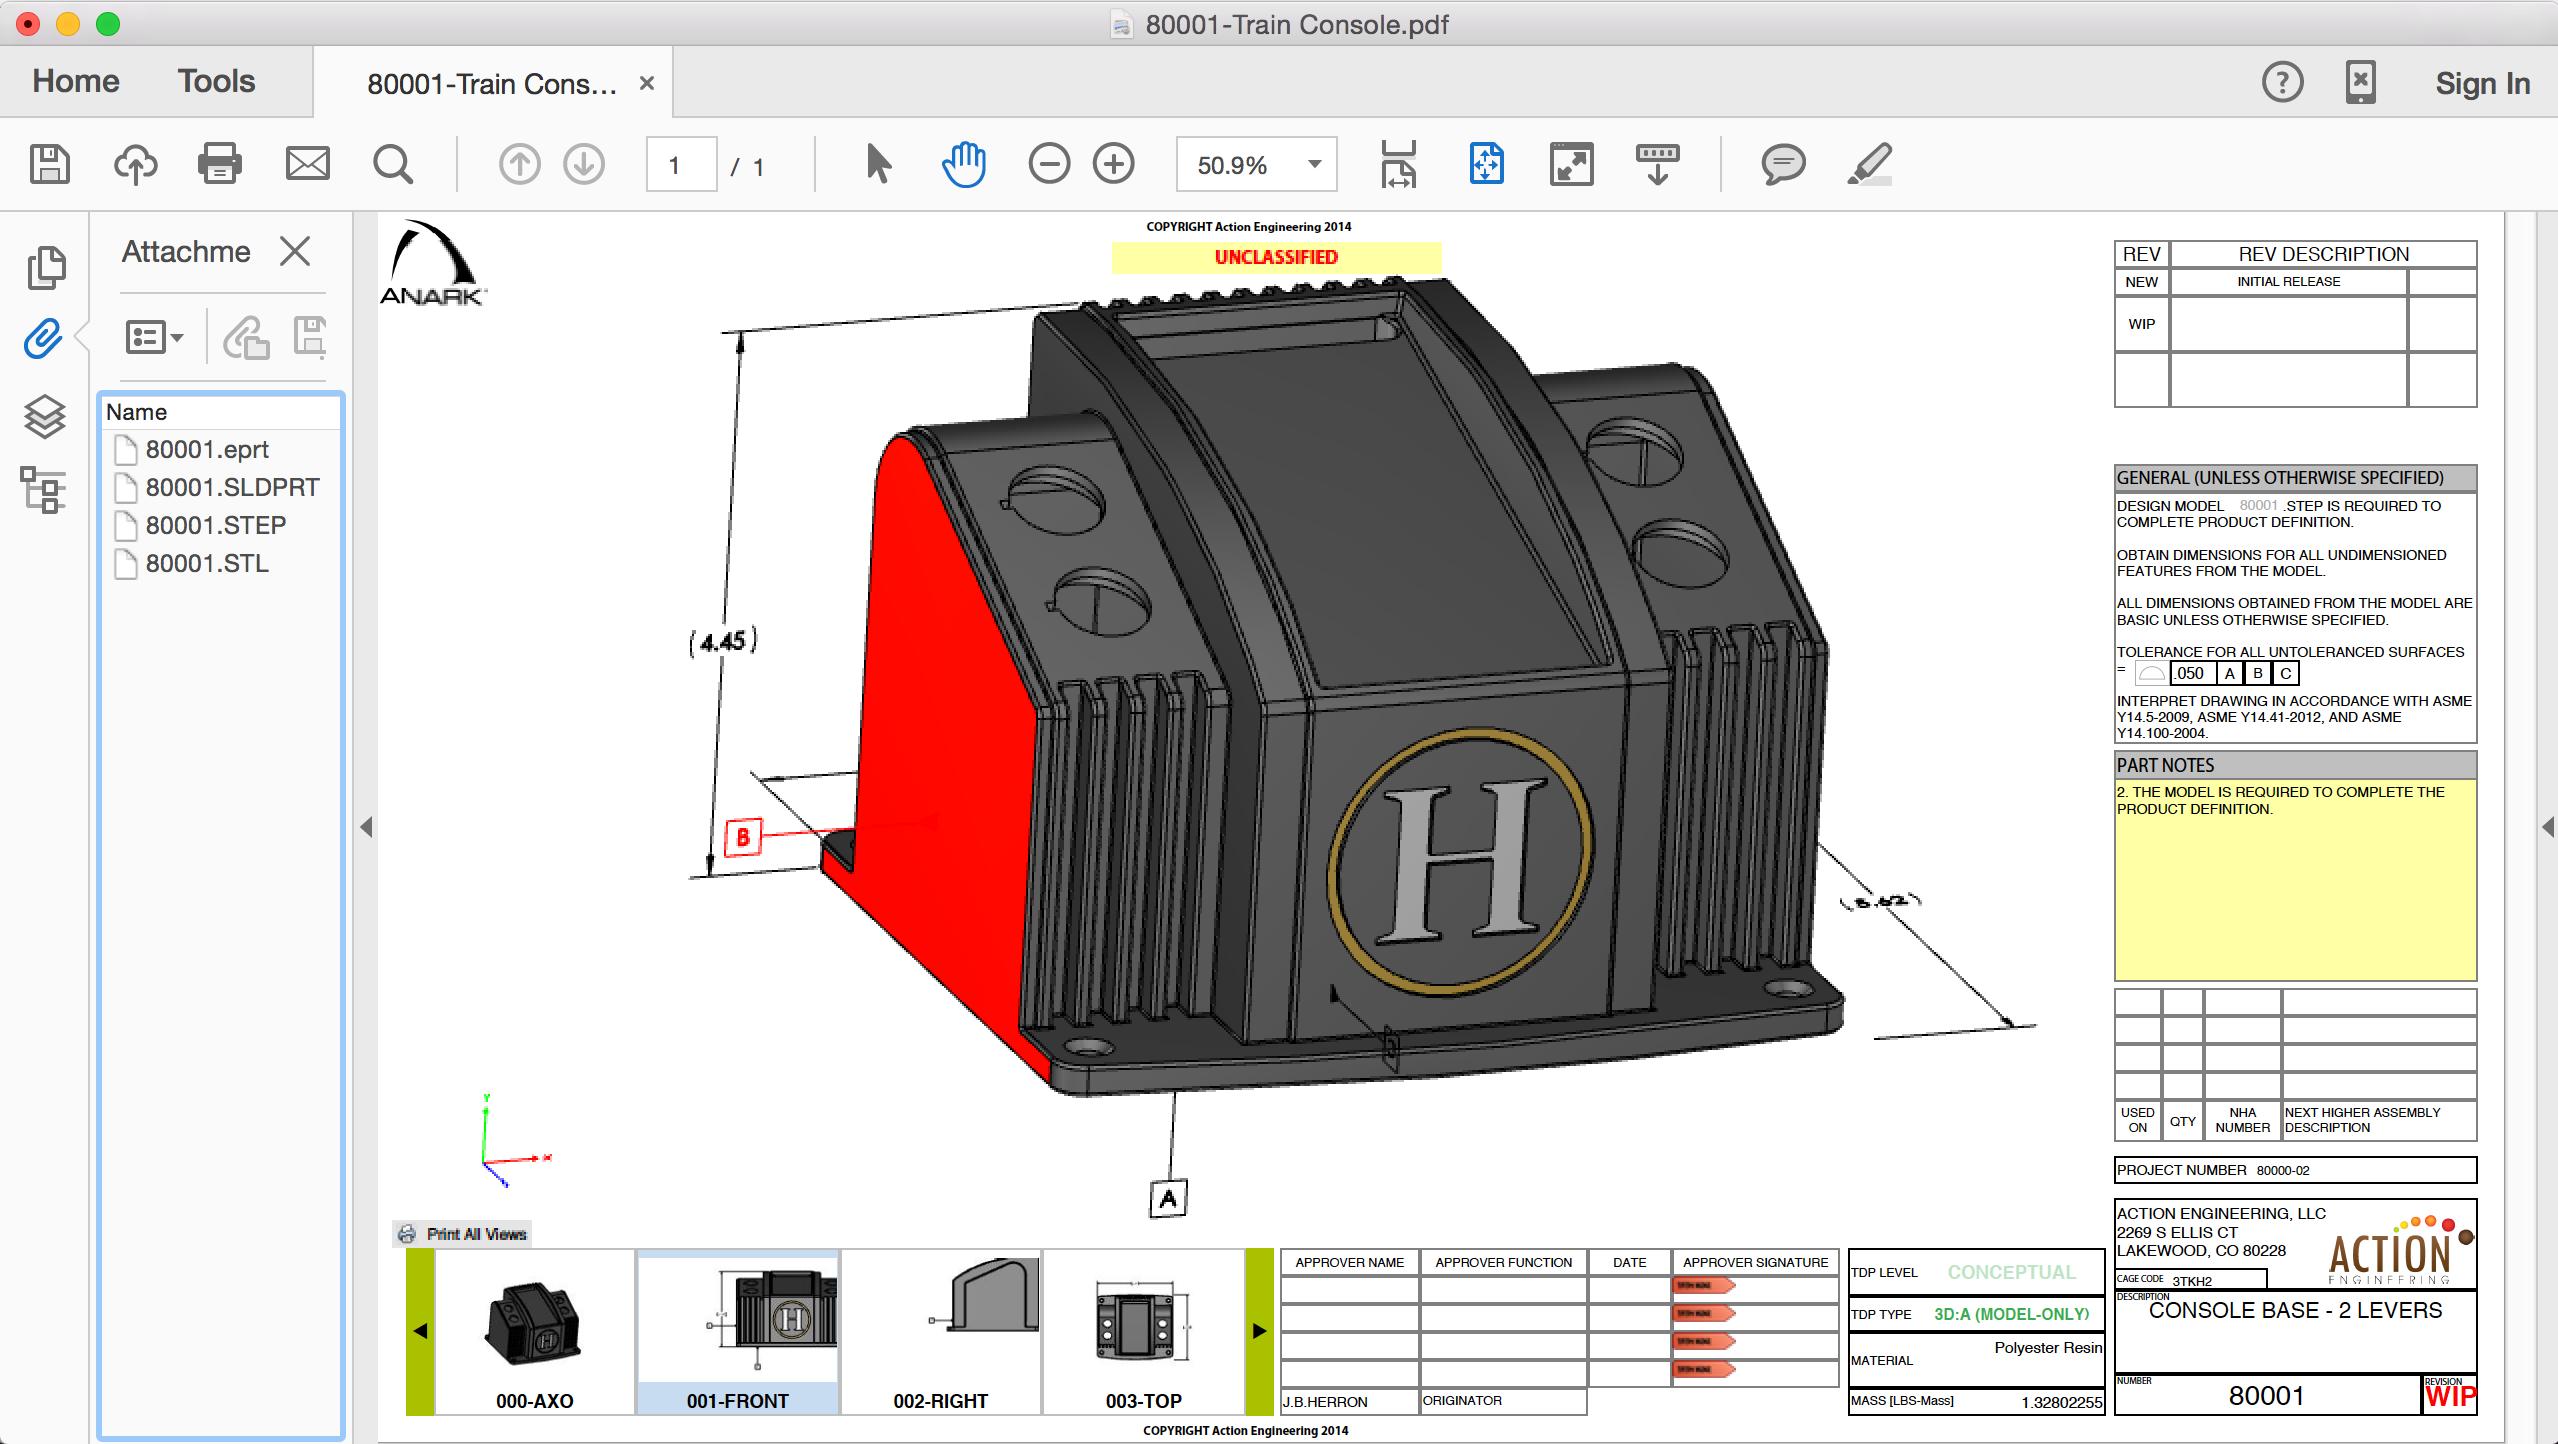 3DPDF-Train Console